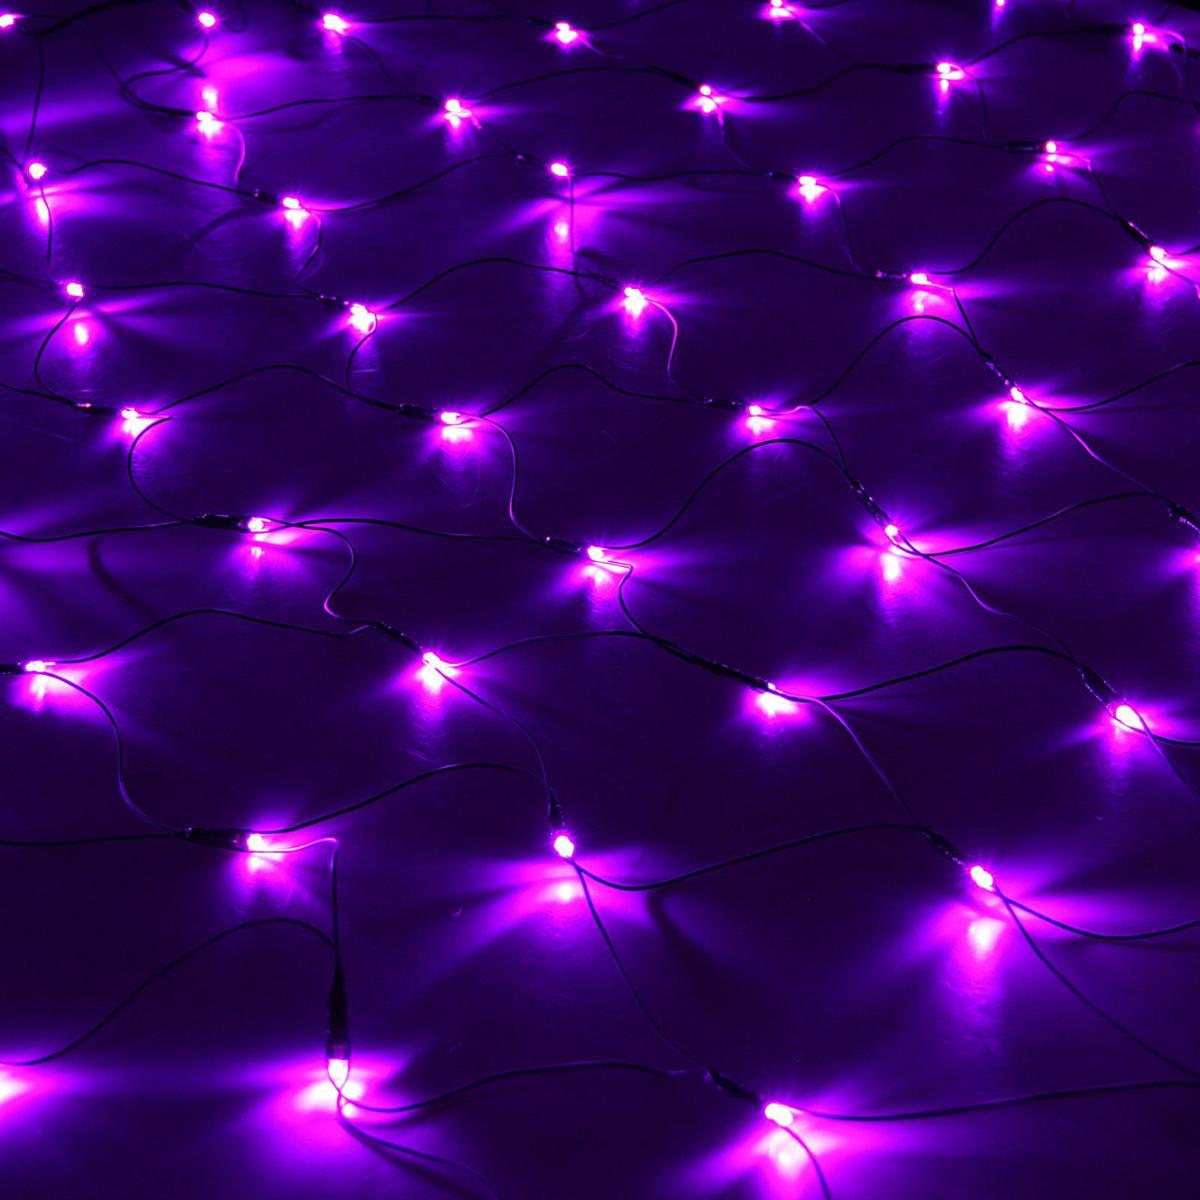 Гирлянда Luazon Сетка, длина 2 м, LED 224 лампы, 220V, цвет: фиолетовый1585755Светодиодные гирлянды, ленты и т.д — это отличный вариант для новогоднего оформления интерьера или фасада. С их помощью помещение любого размера можно превратить в праздничный зал, а внешние элементы зданий, украшенные ими, мгновенно станут напоминать очертания сказочного дворца. Такие украшения создают ауру предвкушения чуда. Деревья, фасады, витрины, окна и арки будто специально созданы, чтобы вы украсили их светящимися нитями.